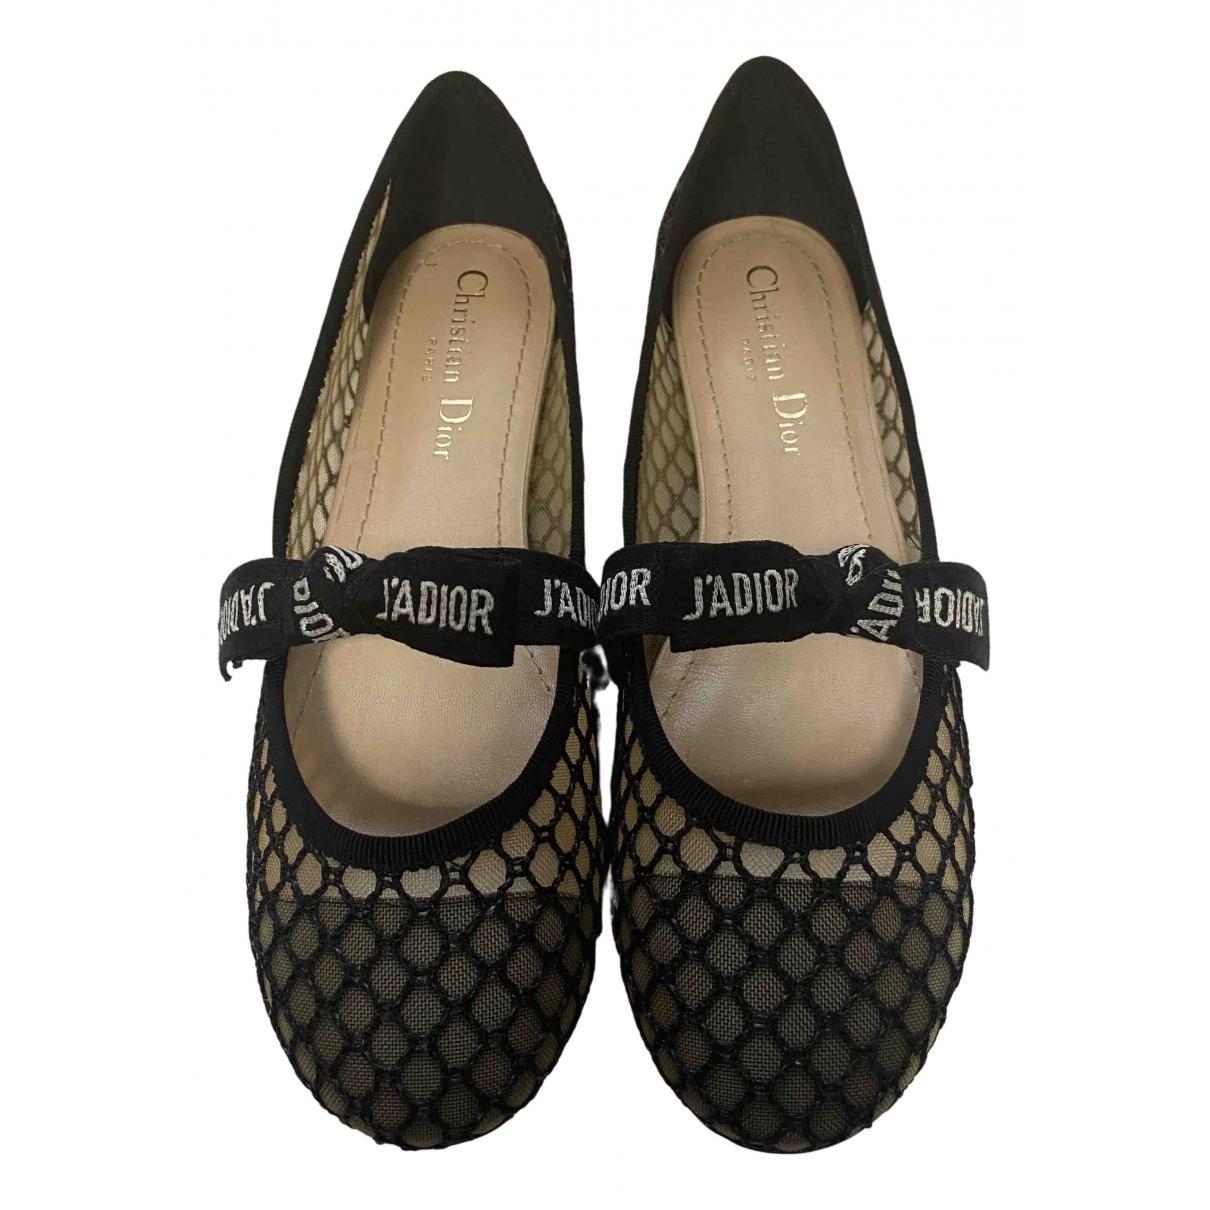 Dior Miss Jadior Black Cloth Ballet flats for Women 36.5 EU